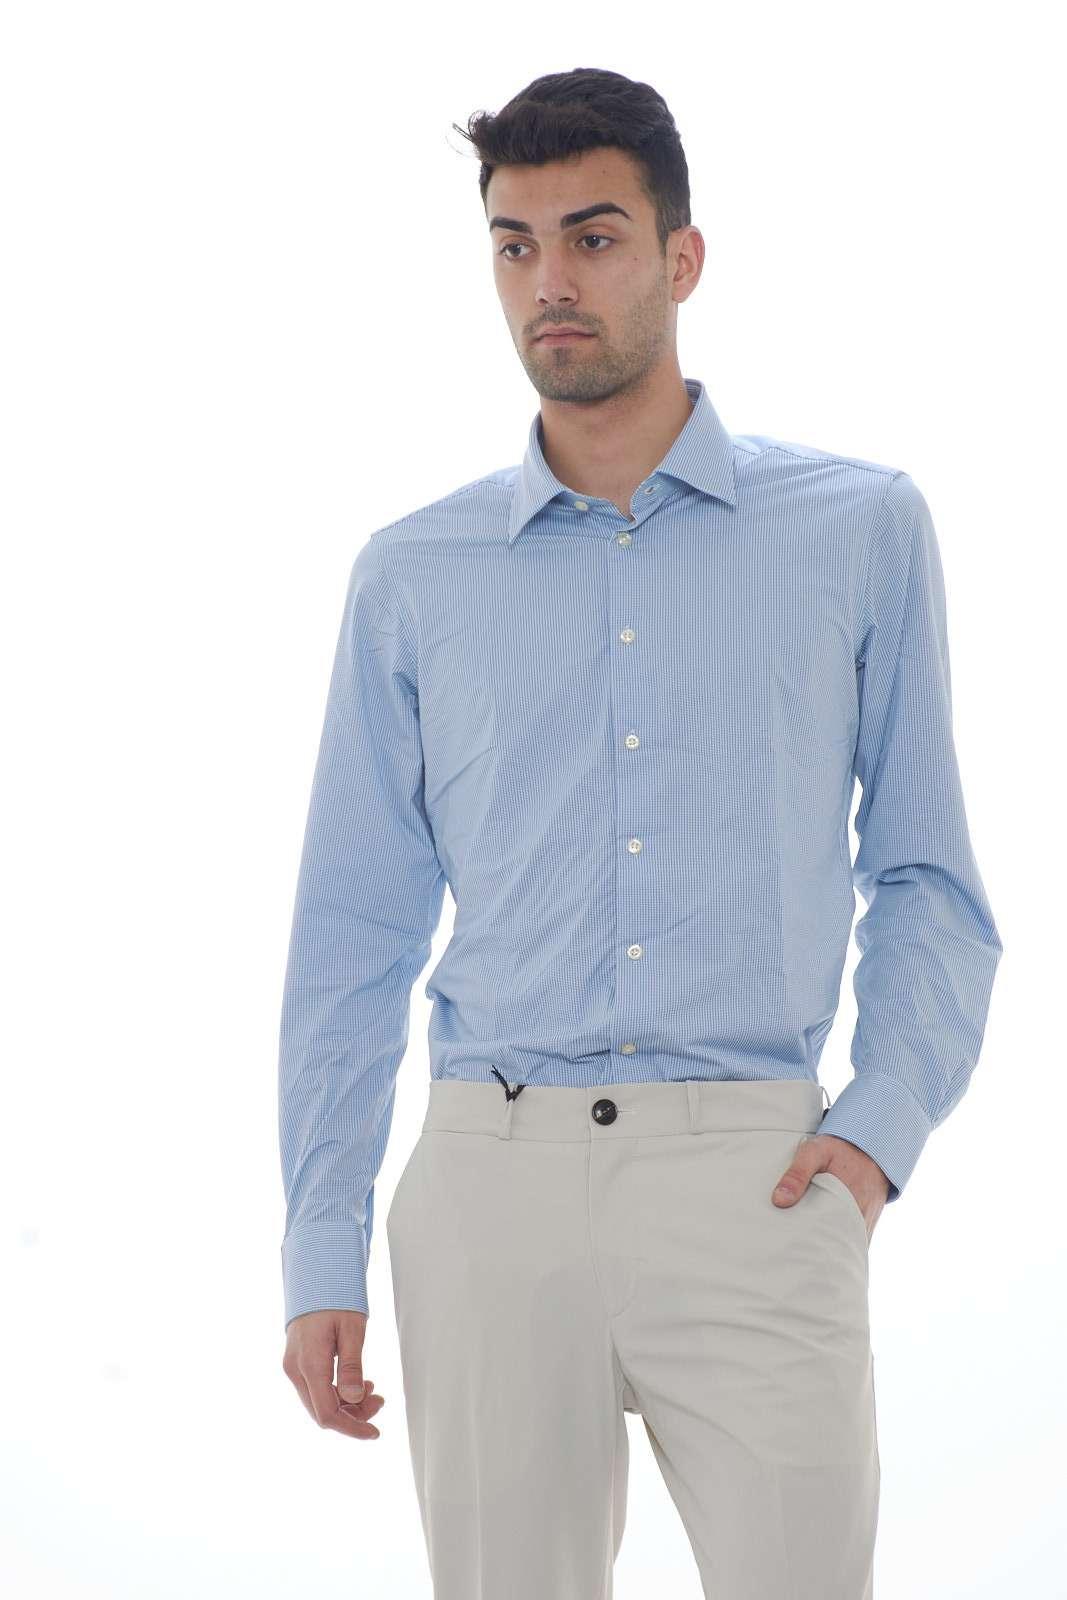 Una camicia dal gusto bon ton quella firmata dalla new collection uomo RRD. La micro fantasia si abbina con ogni look, per esaltare ogni occasione. Abbinata con una cravatta e una giacca o con una maglia conquista tutti gli stili. Il modello è alto 1.80m e indossa la taglia 48.